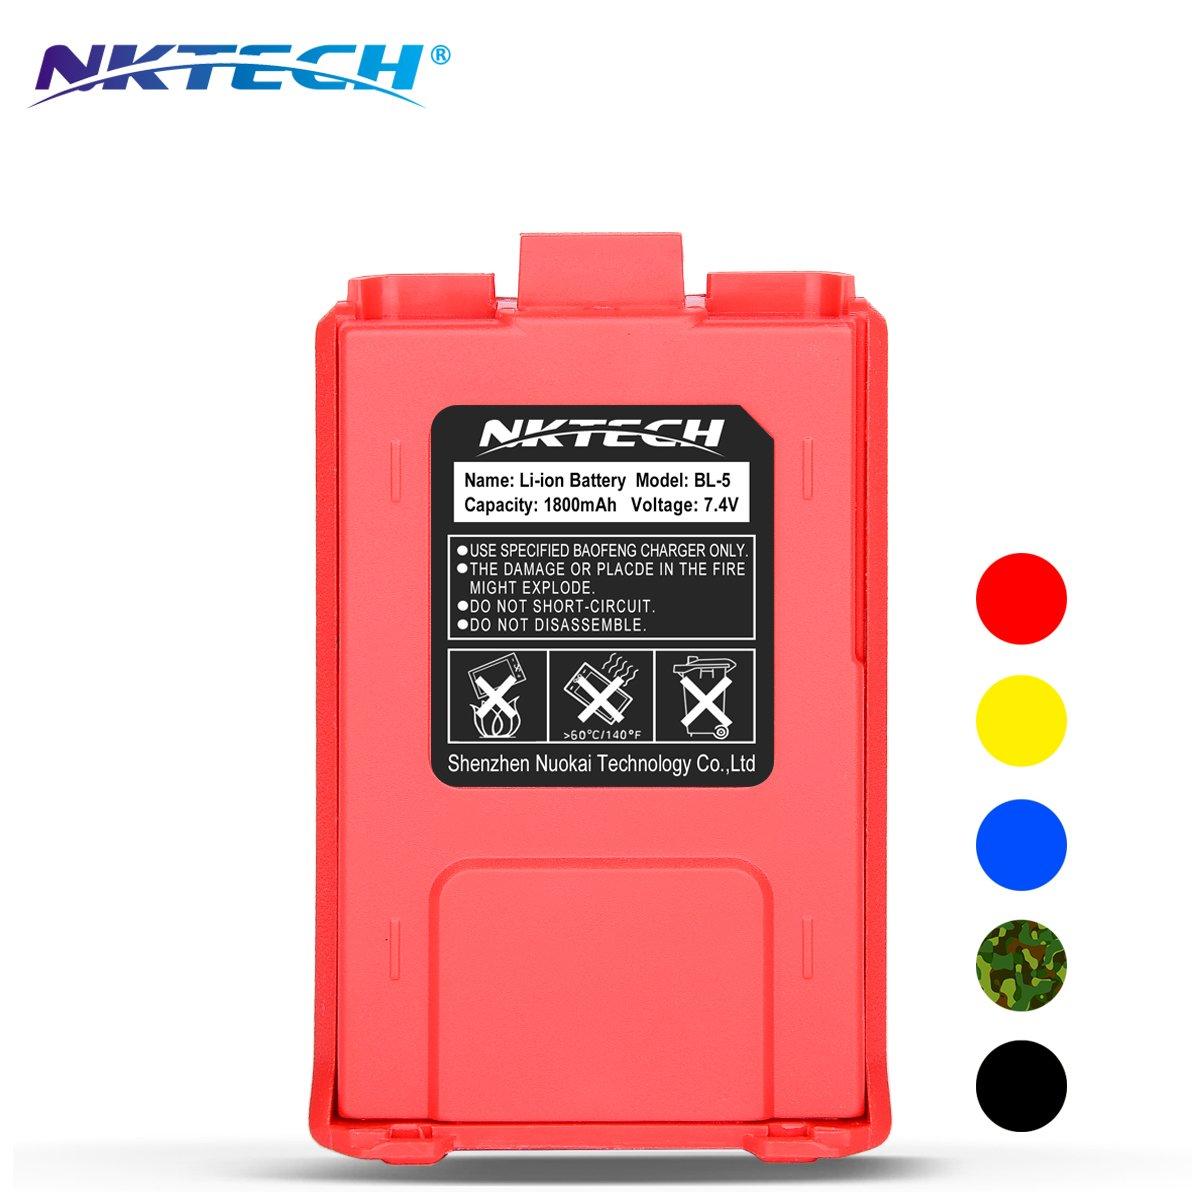 NKTECH BL-5 1800mAh 7.4V Li-ion Battery UV-5R Battery For BaoFeng Pofung UV-5R V2 PLUS PRO DM-5R UV-5RA BF-F8HP BF-F9 V2 UV-5R5 UV-5X3 UV-5RE Plus UV-5RTP TYT TH-F8 Two Way Radio (Black) NK-BL5-BL